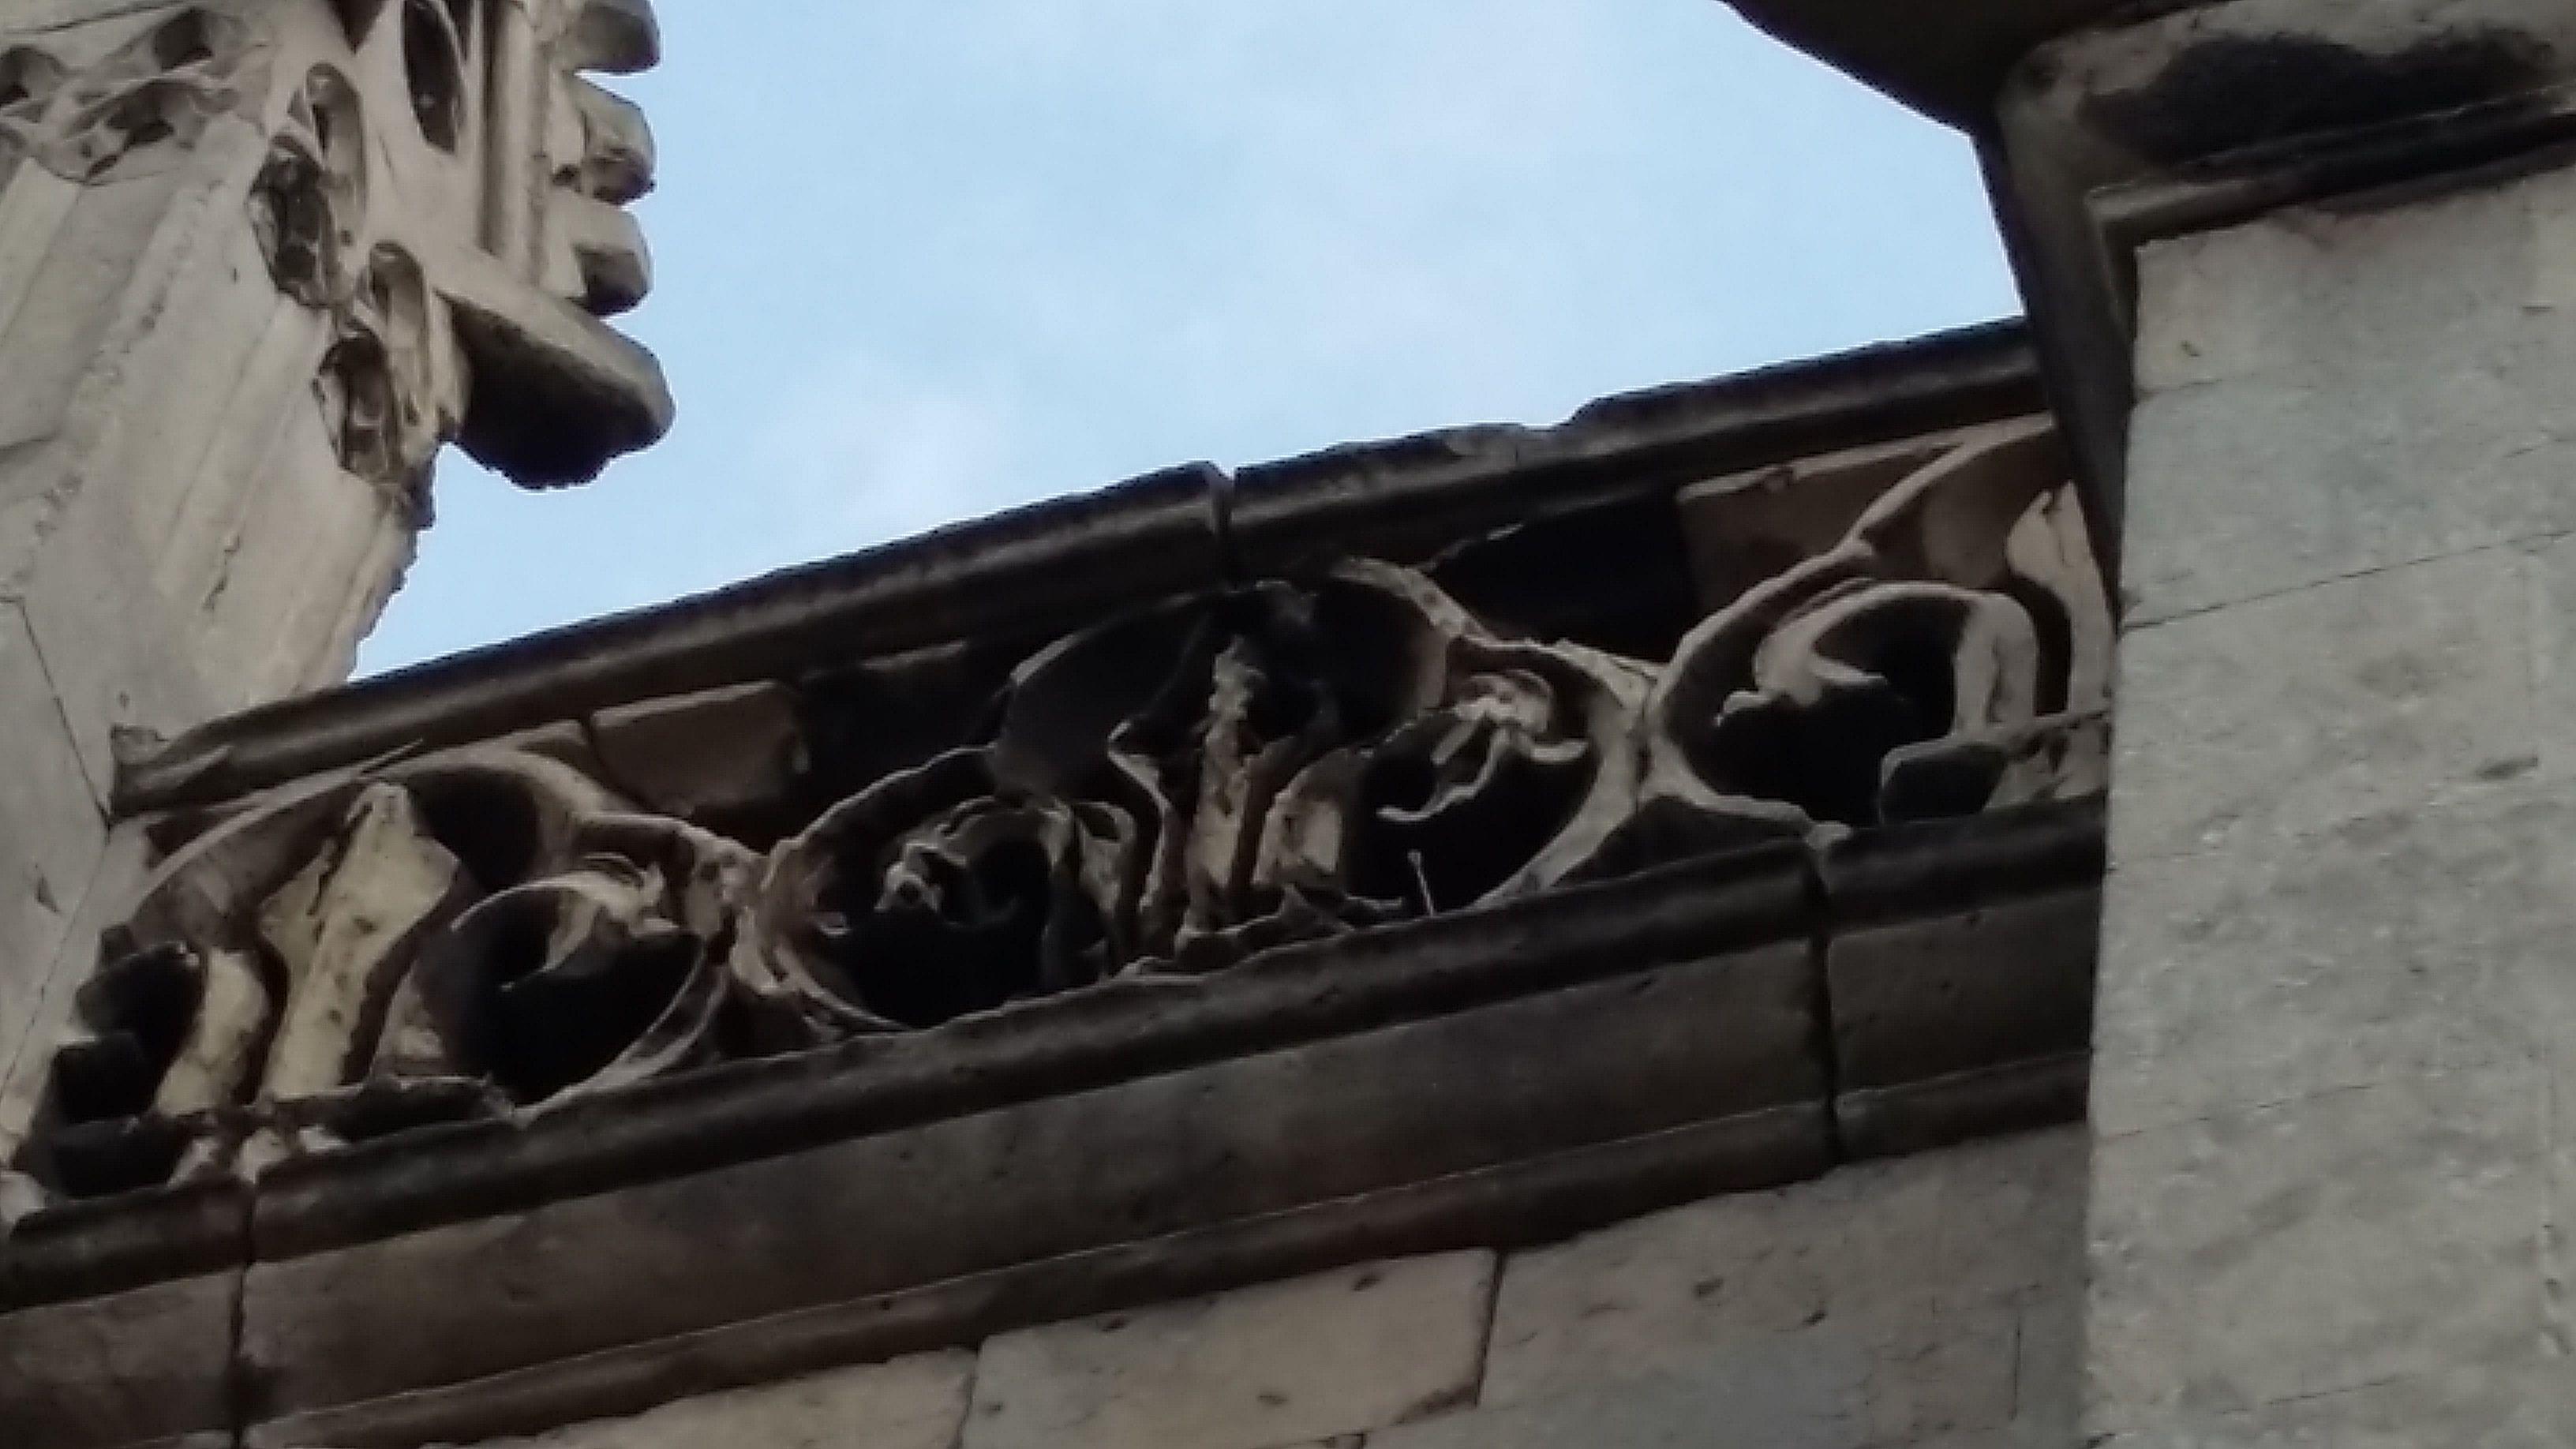 vue détaillée de la balustrade en pierre ouvragée